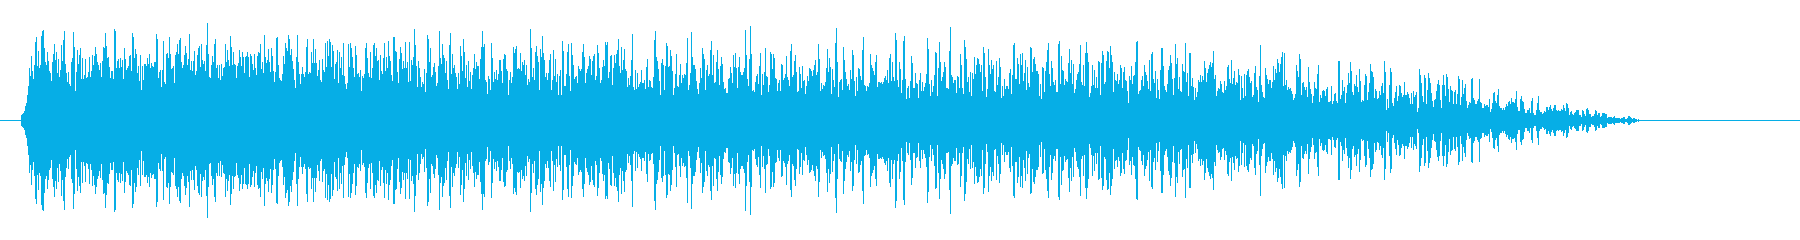 ゴォー_火炎放射_燃え上がるの再生済みの波形